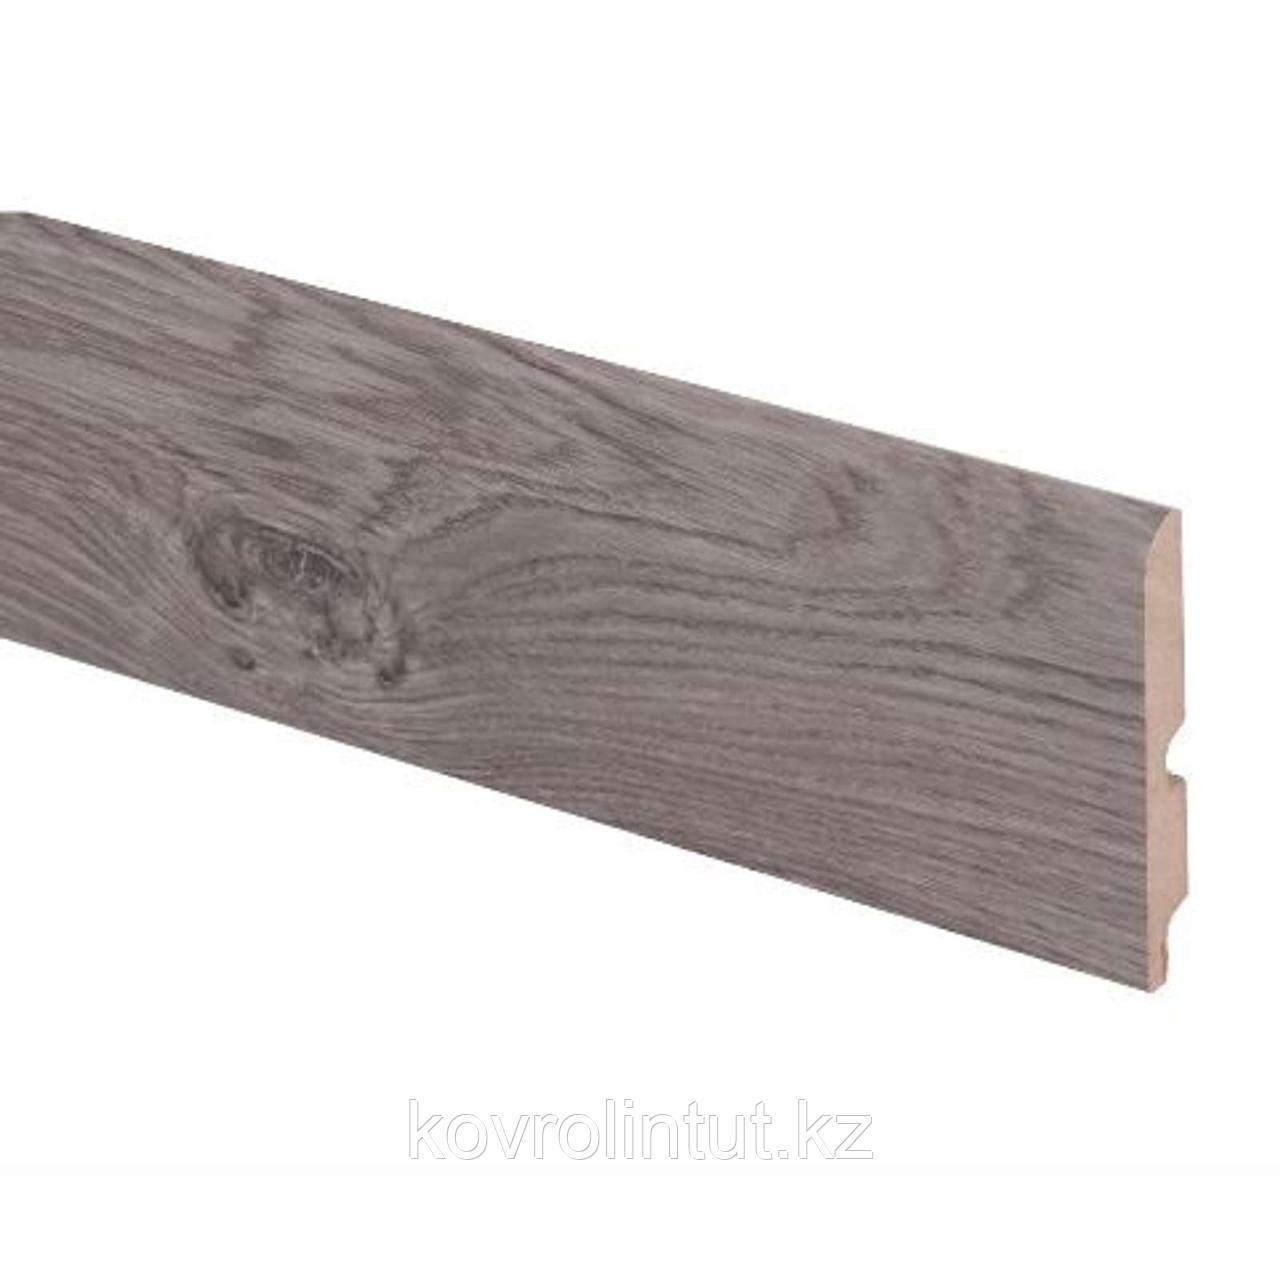 Плинтус Kronopol P85 4911 Marshmallow Oak, 2500х85х16мм, 9шт/уп